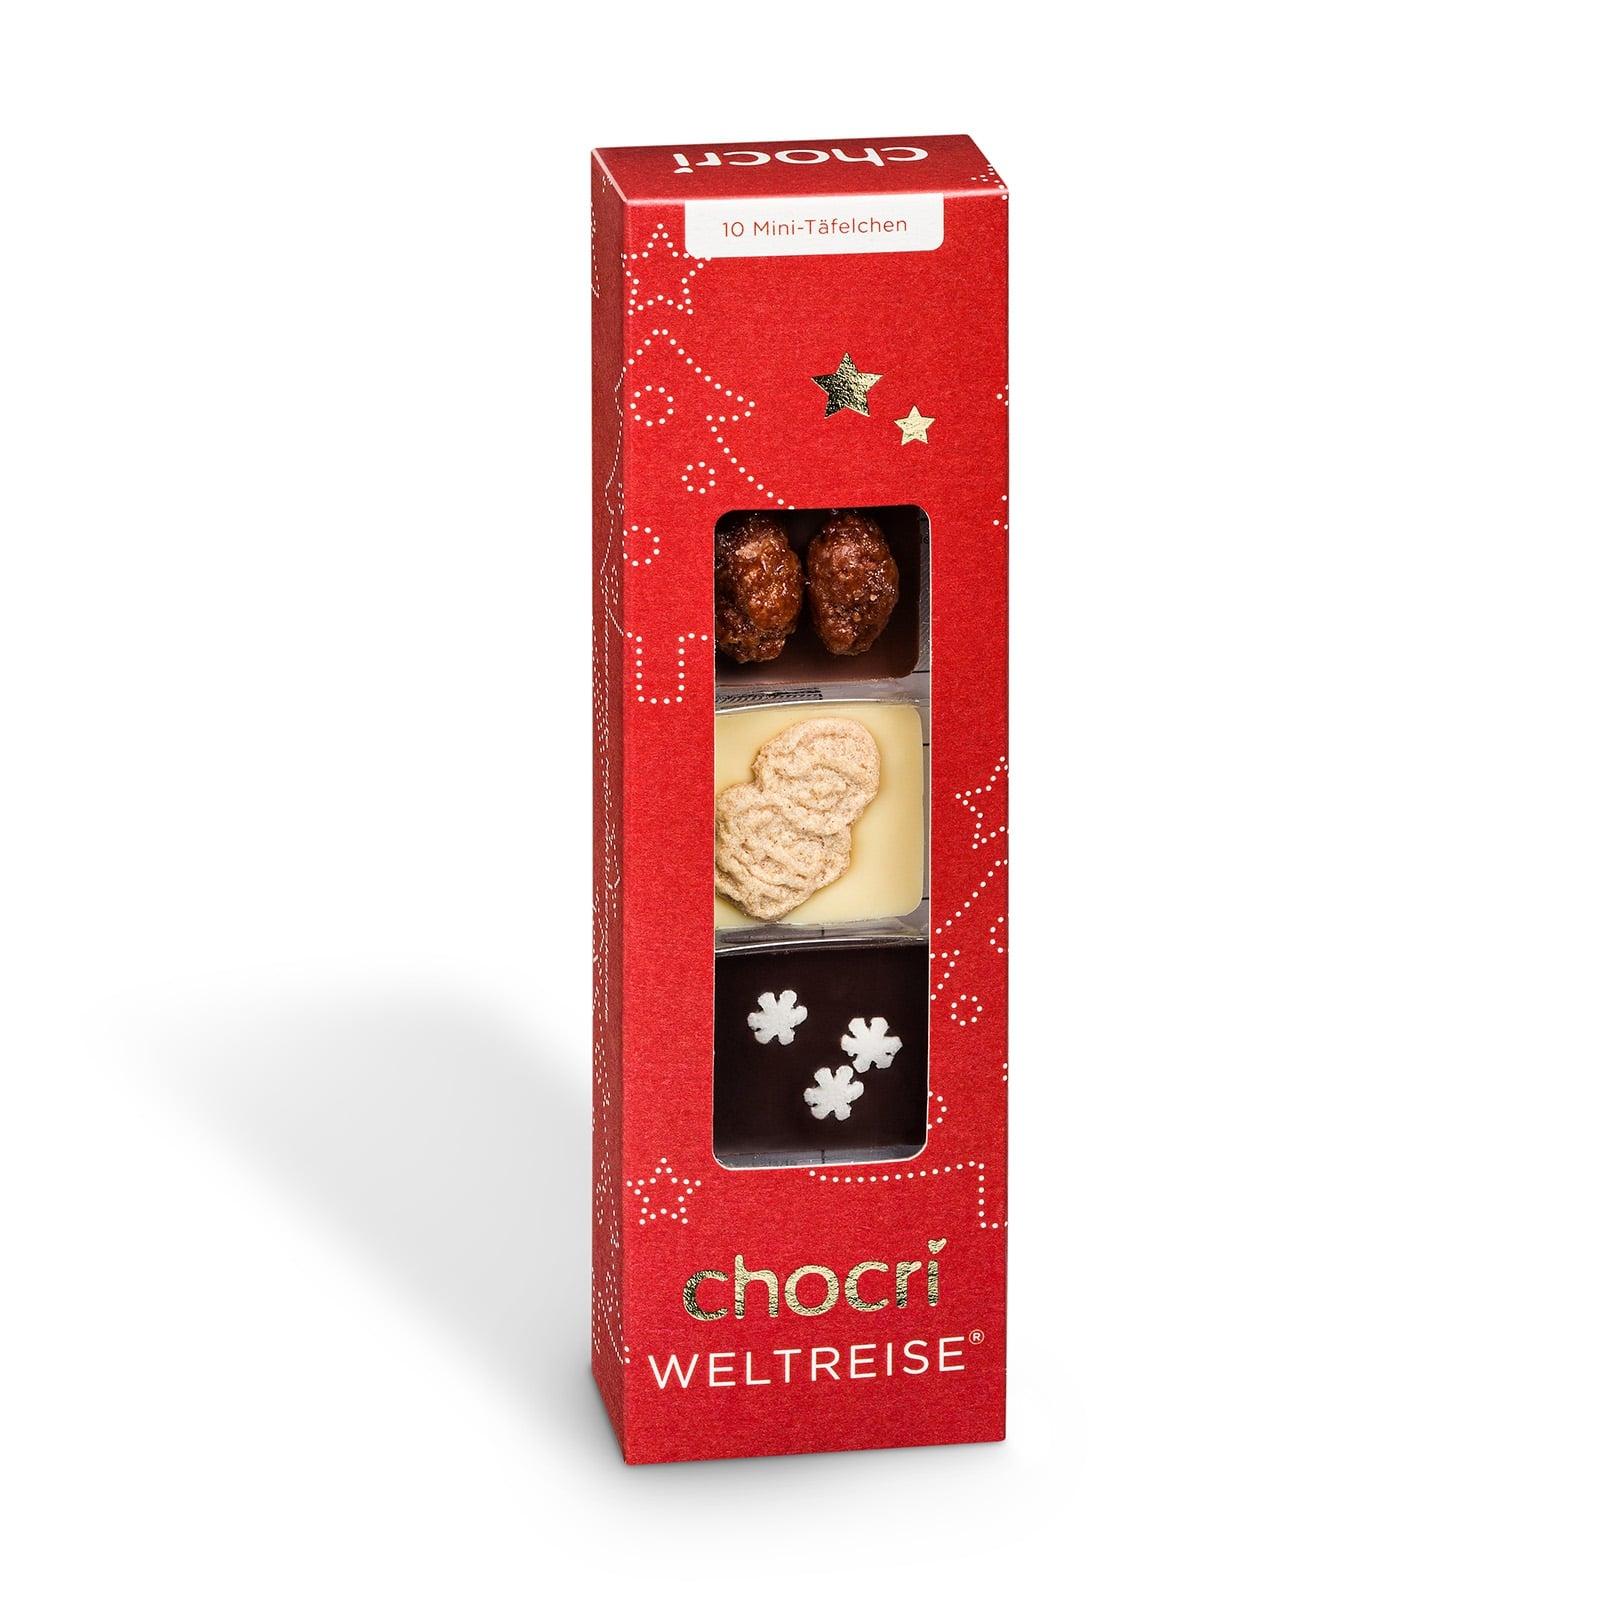 Köstlichsüsses - chocri 'Kleine Winterweltreise®' 10 Mini Schokoladentafeln - Onlineshop Chocri